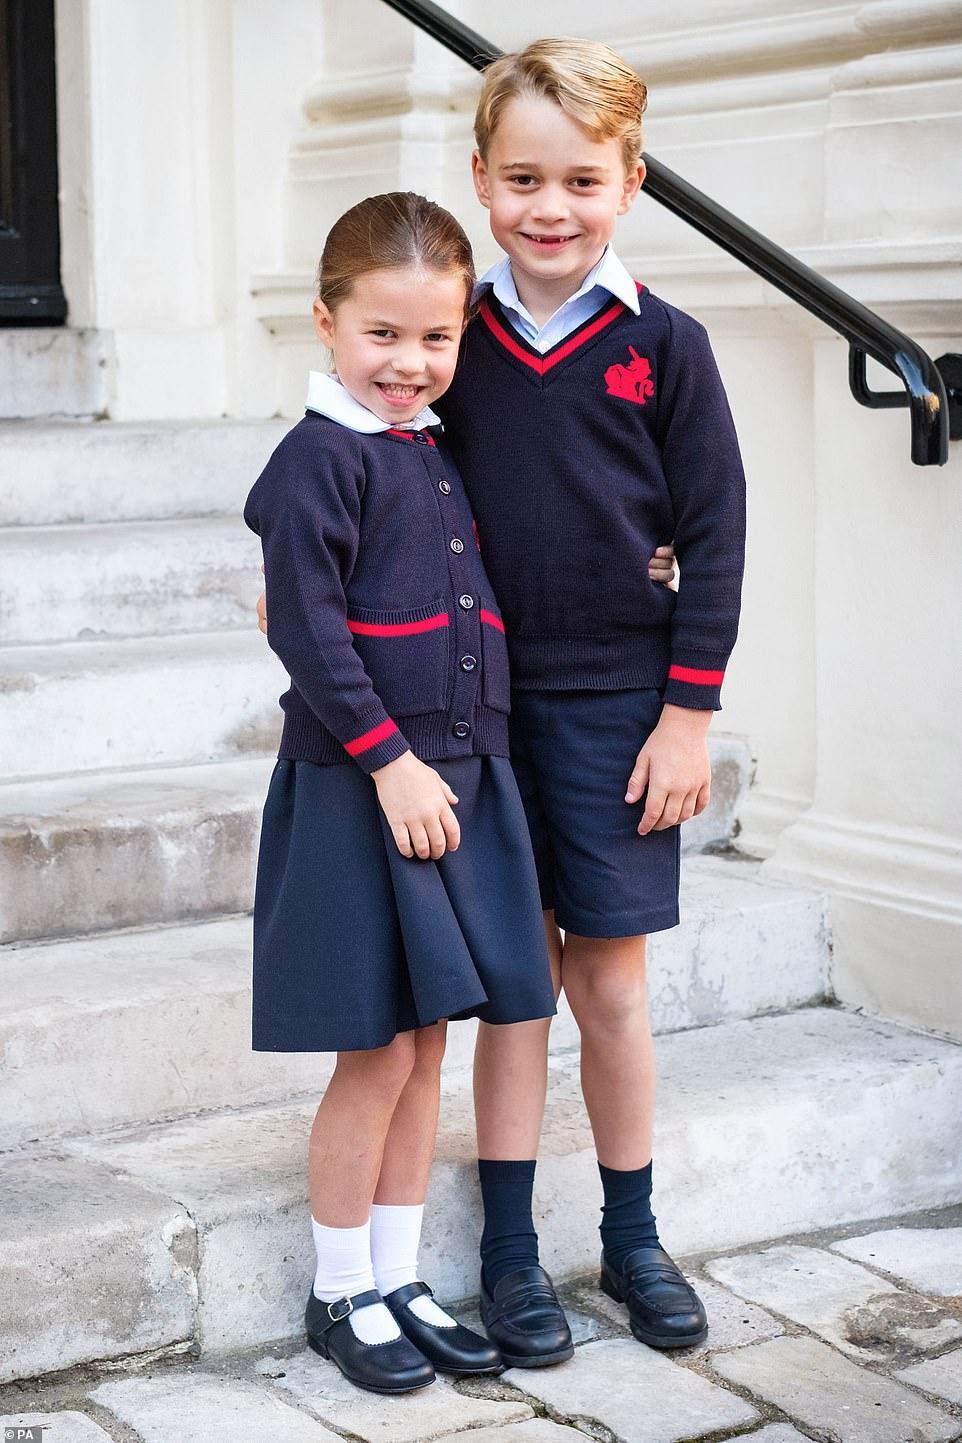 乔治夏洛特双双退学 英媒:兄妹俩成校园